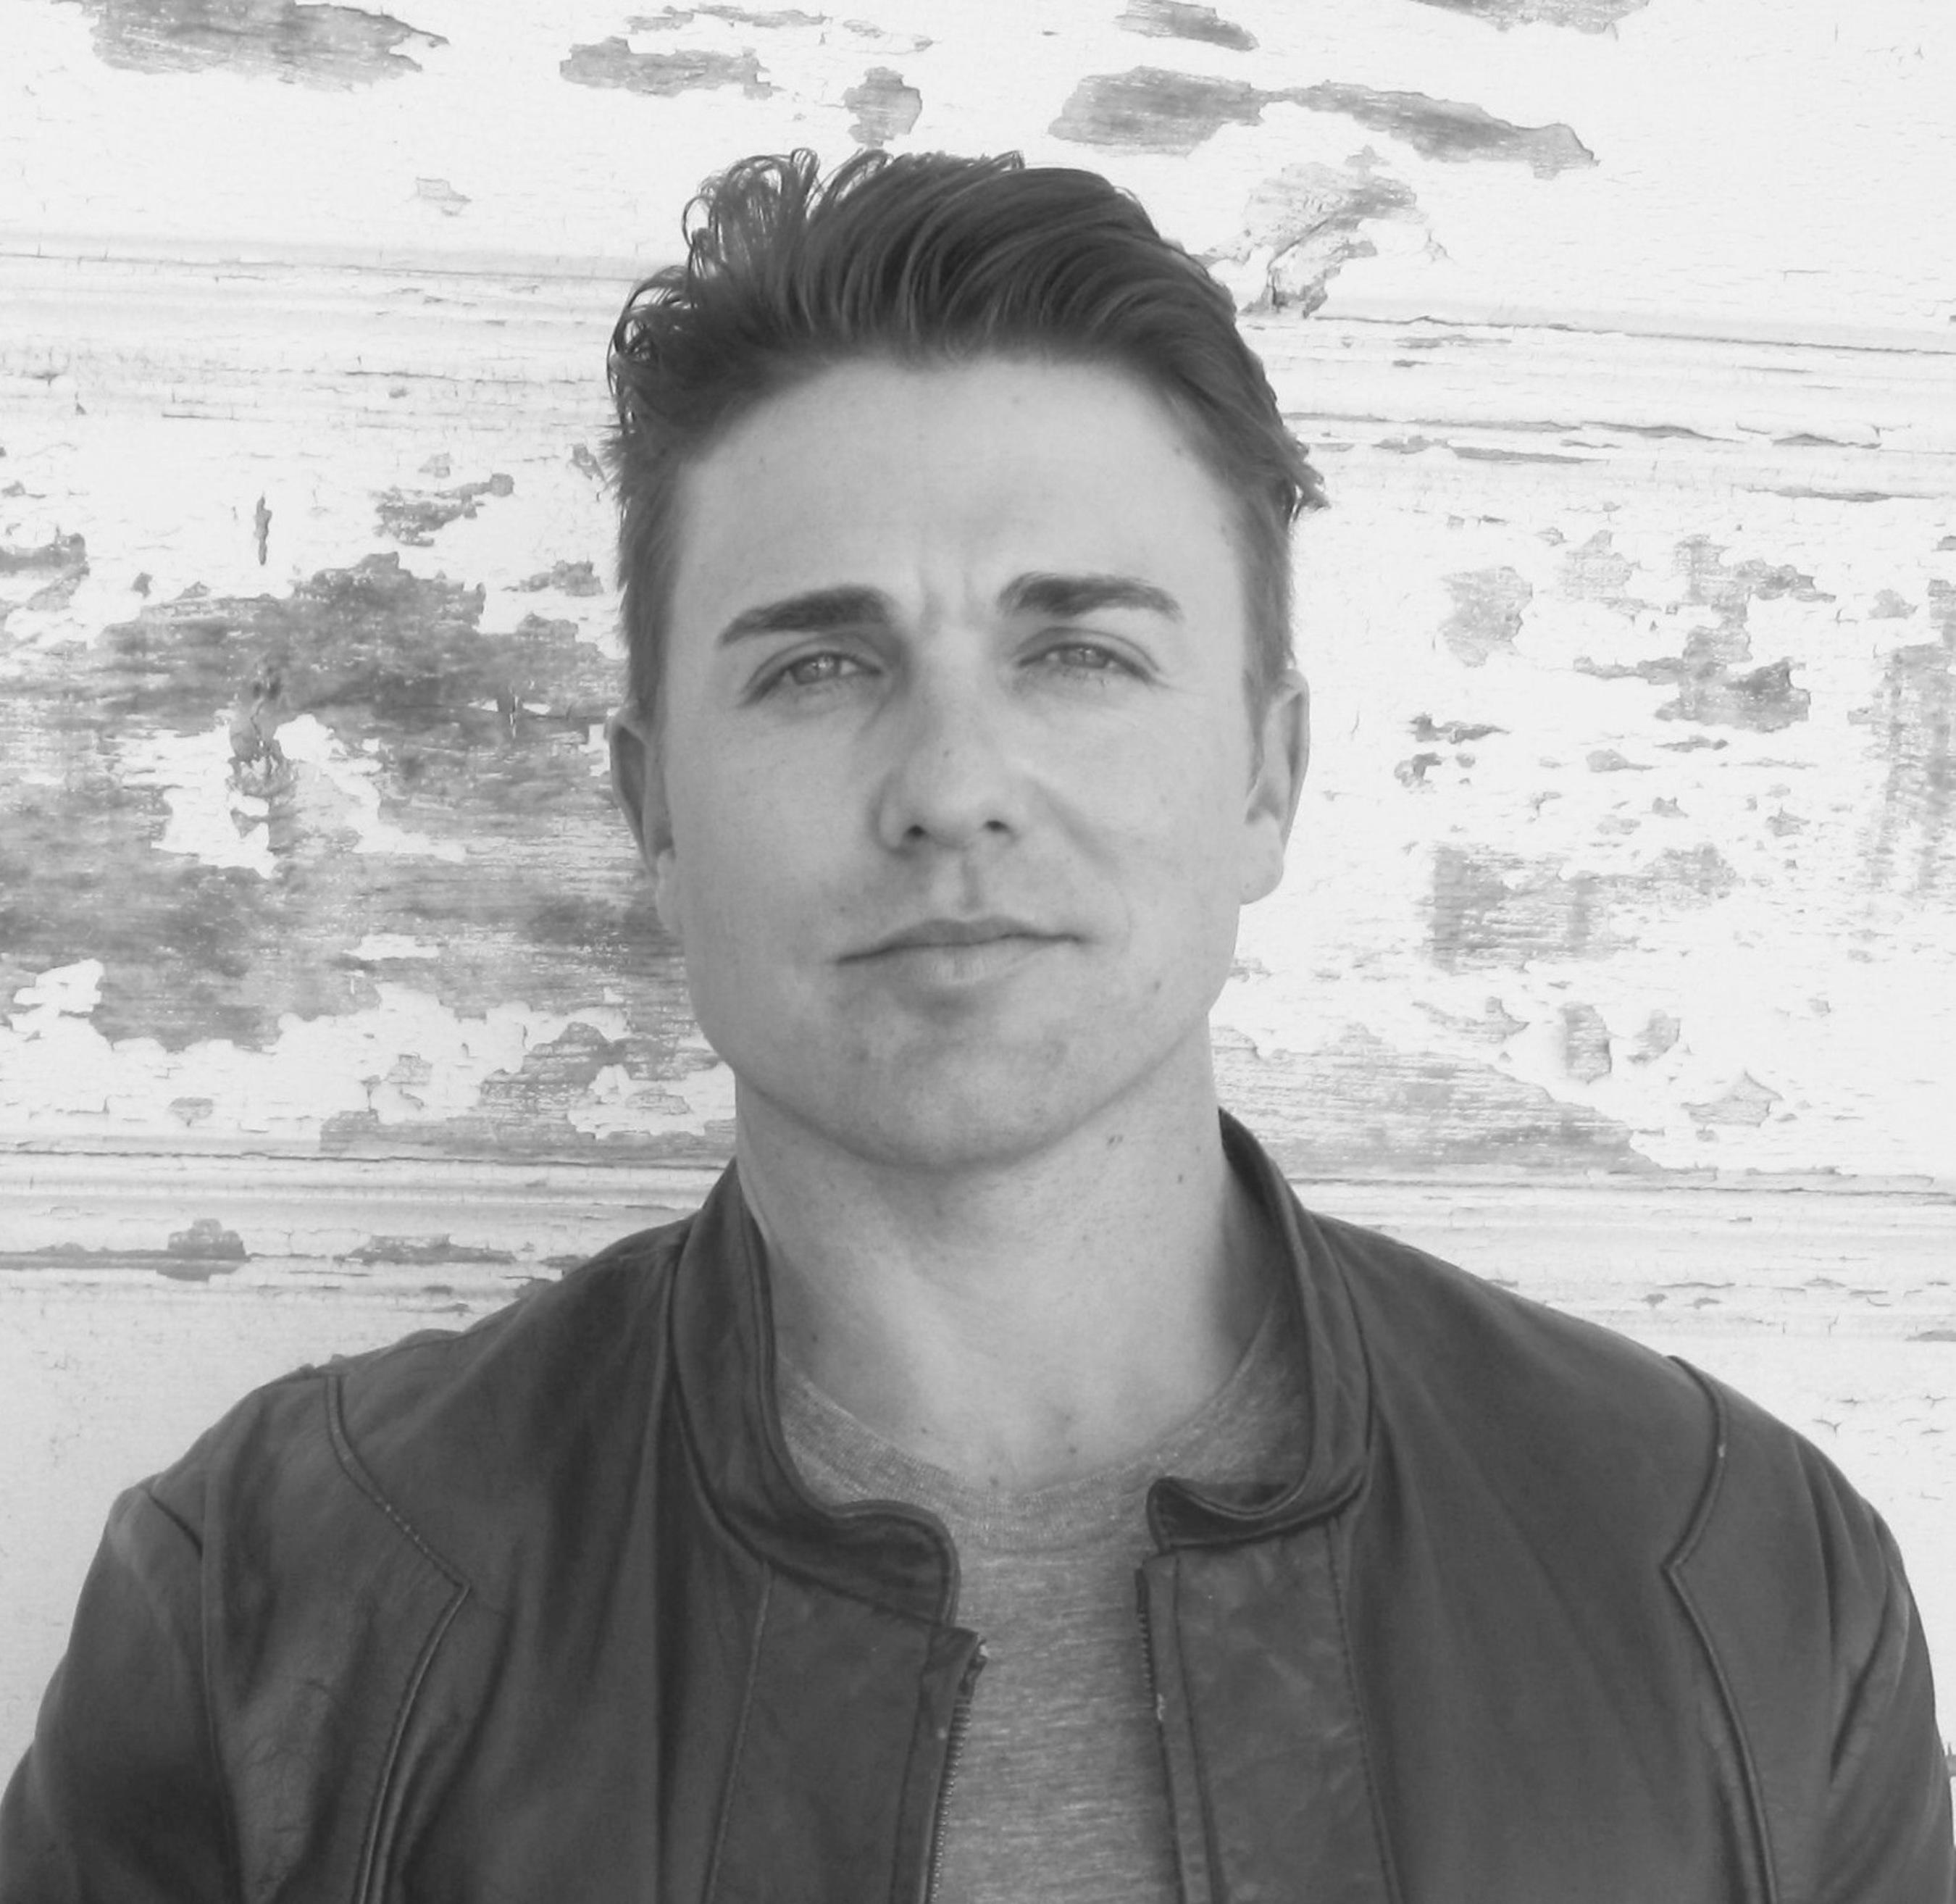 Author Michael D. Dennis (PRNewsFoto/Book Publicity Services)